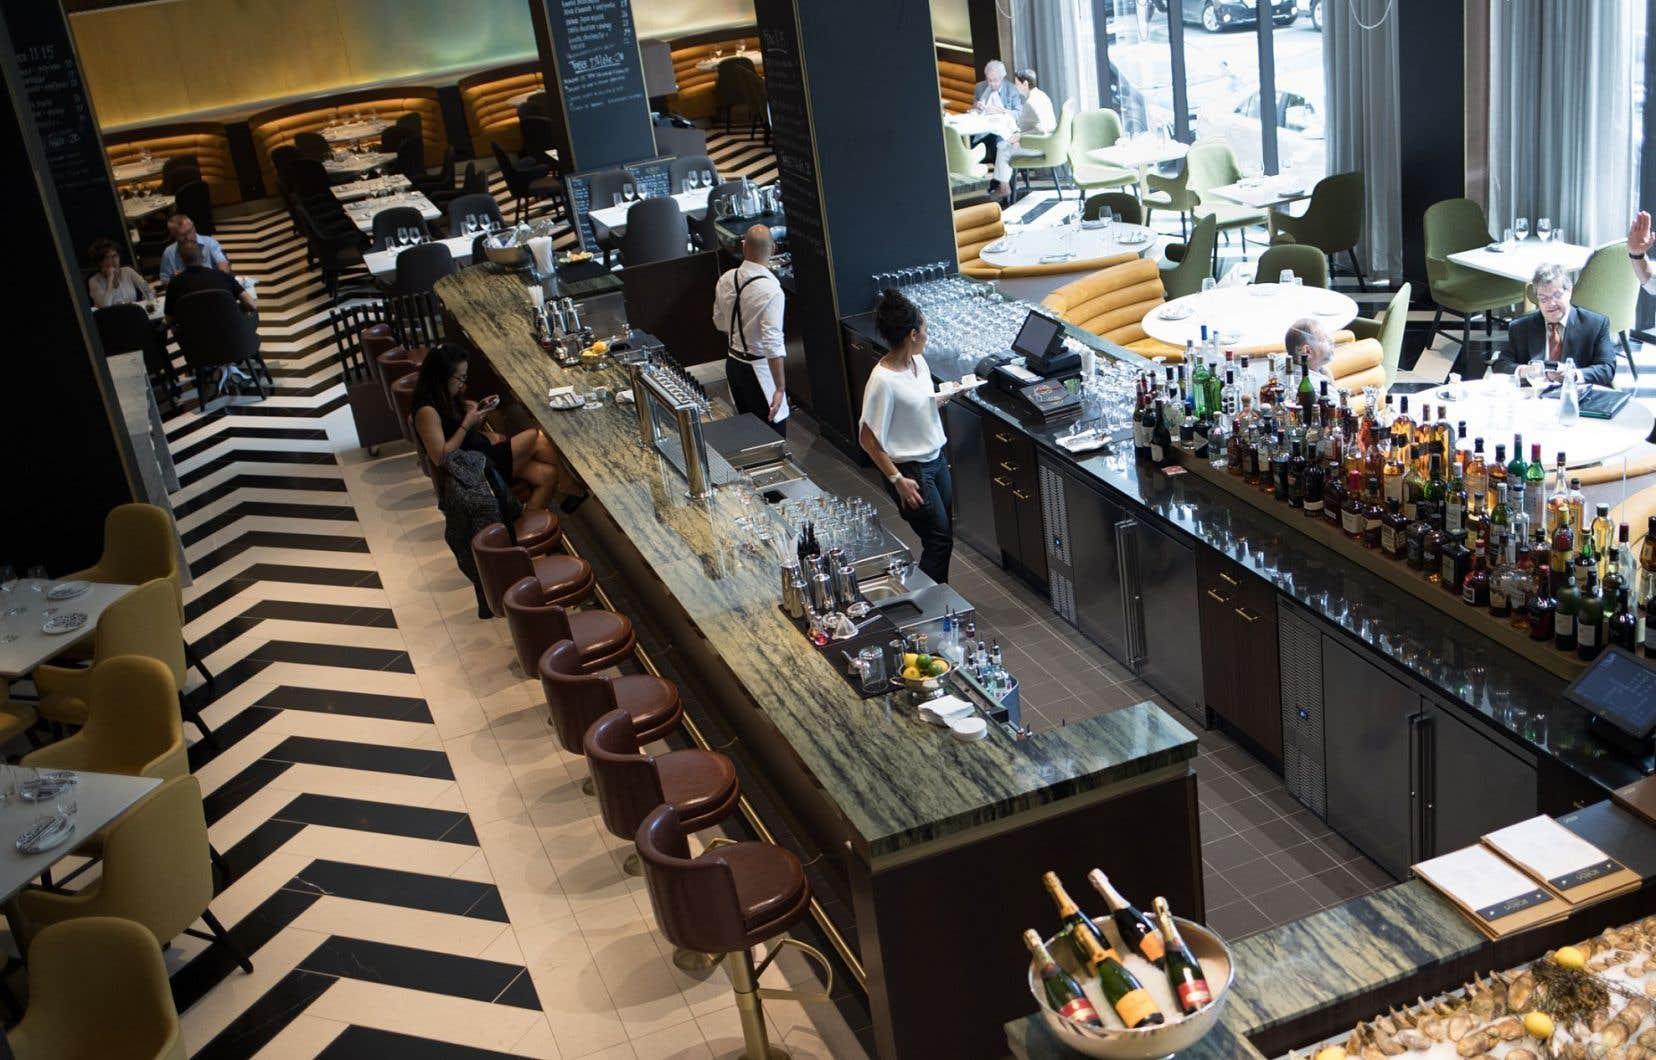 Le Reine-Élizabeth vient de rouvrir, avec son restaurant Rosélys: la métamorphose est complète et le nouveau cadre est d'une époustouflante beauté.